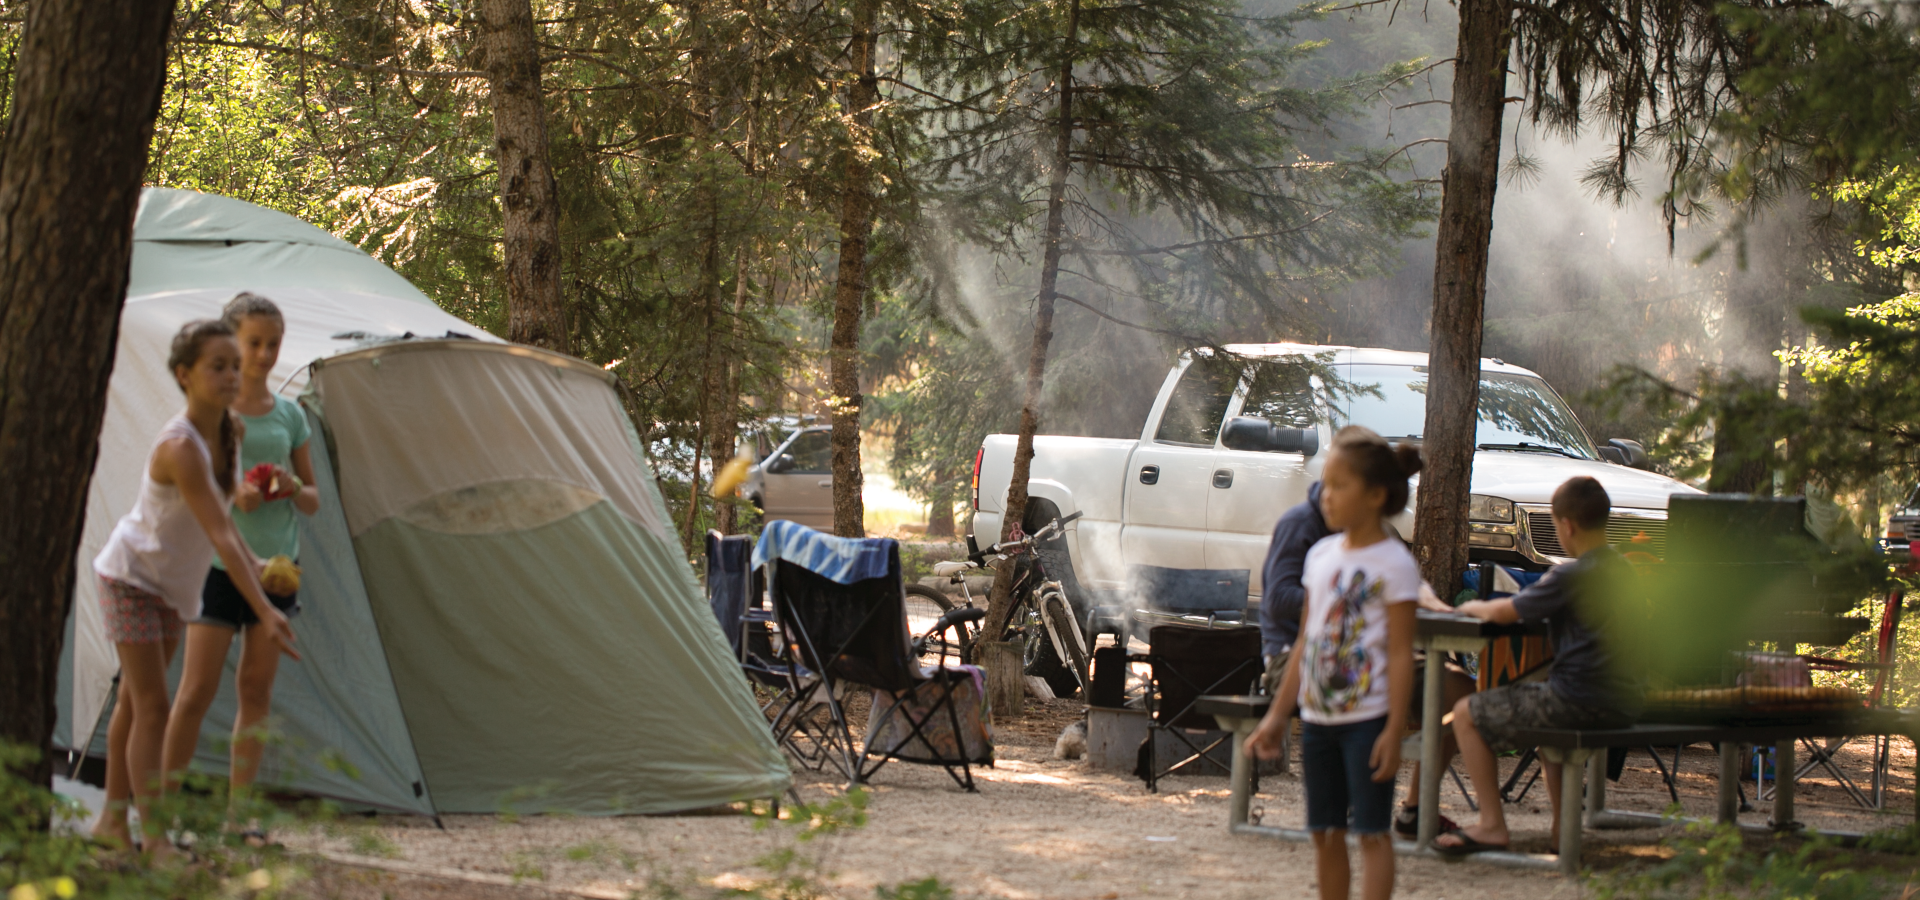 Camping in Idaho, Move to Idaho